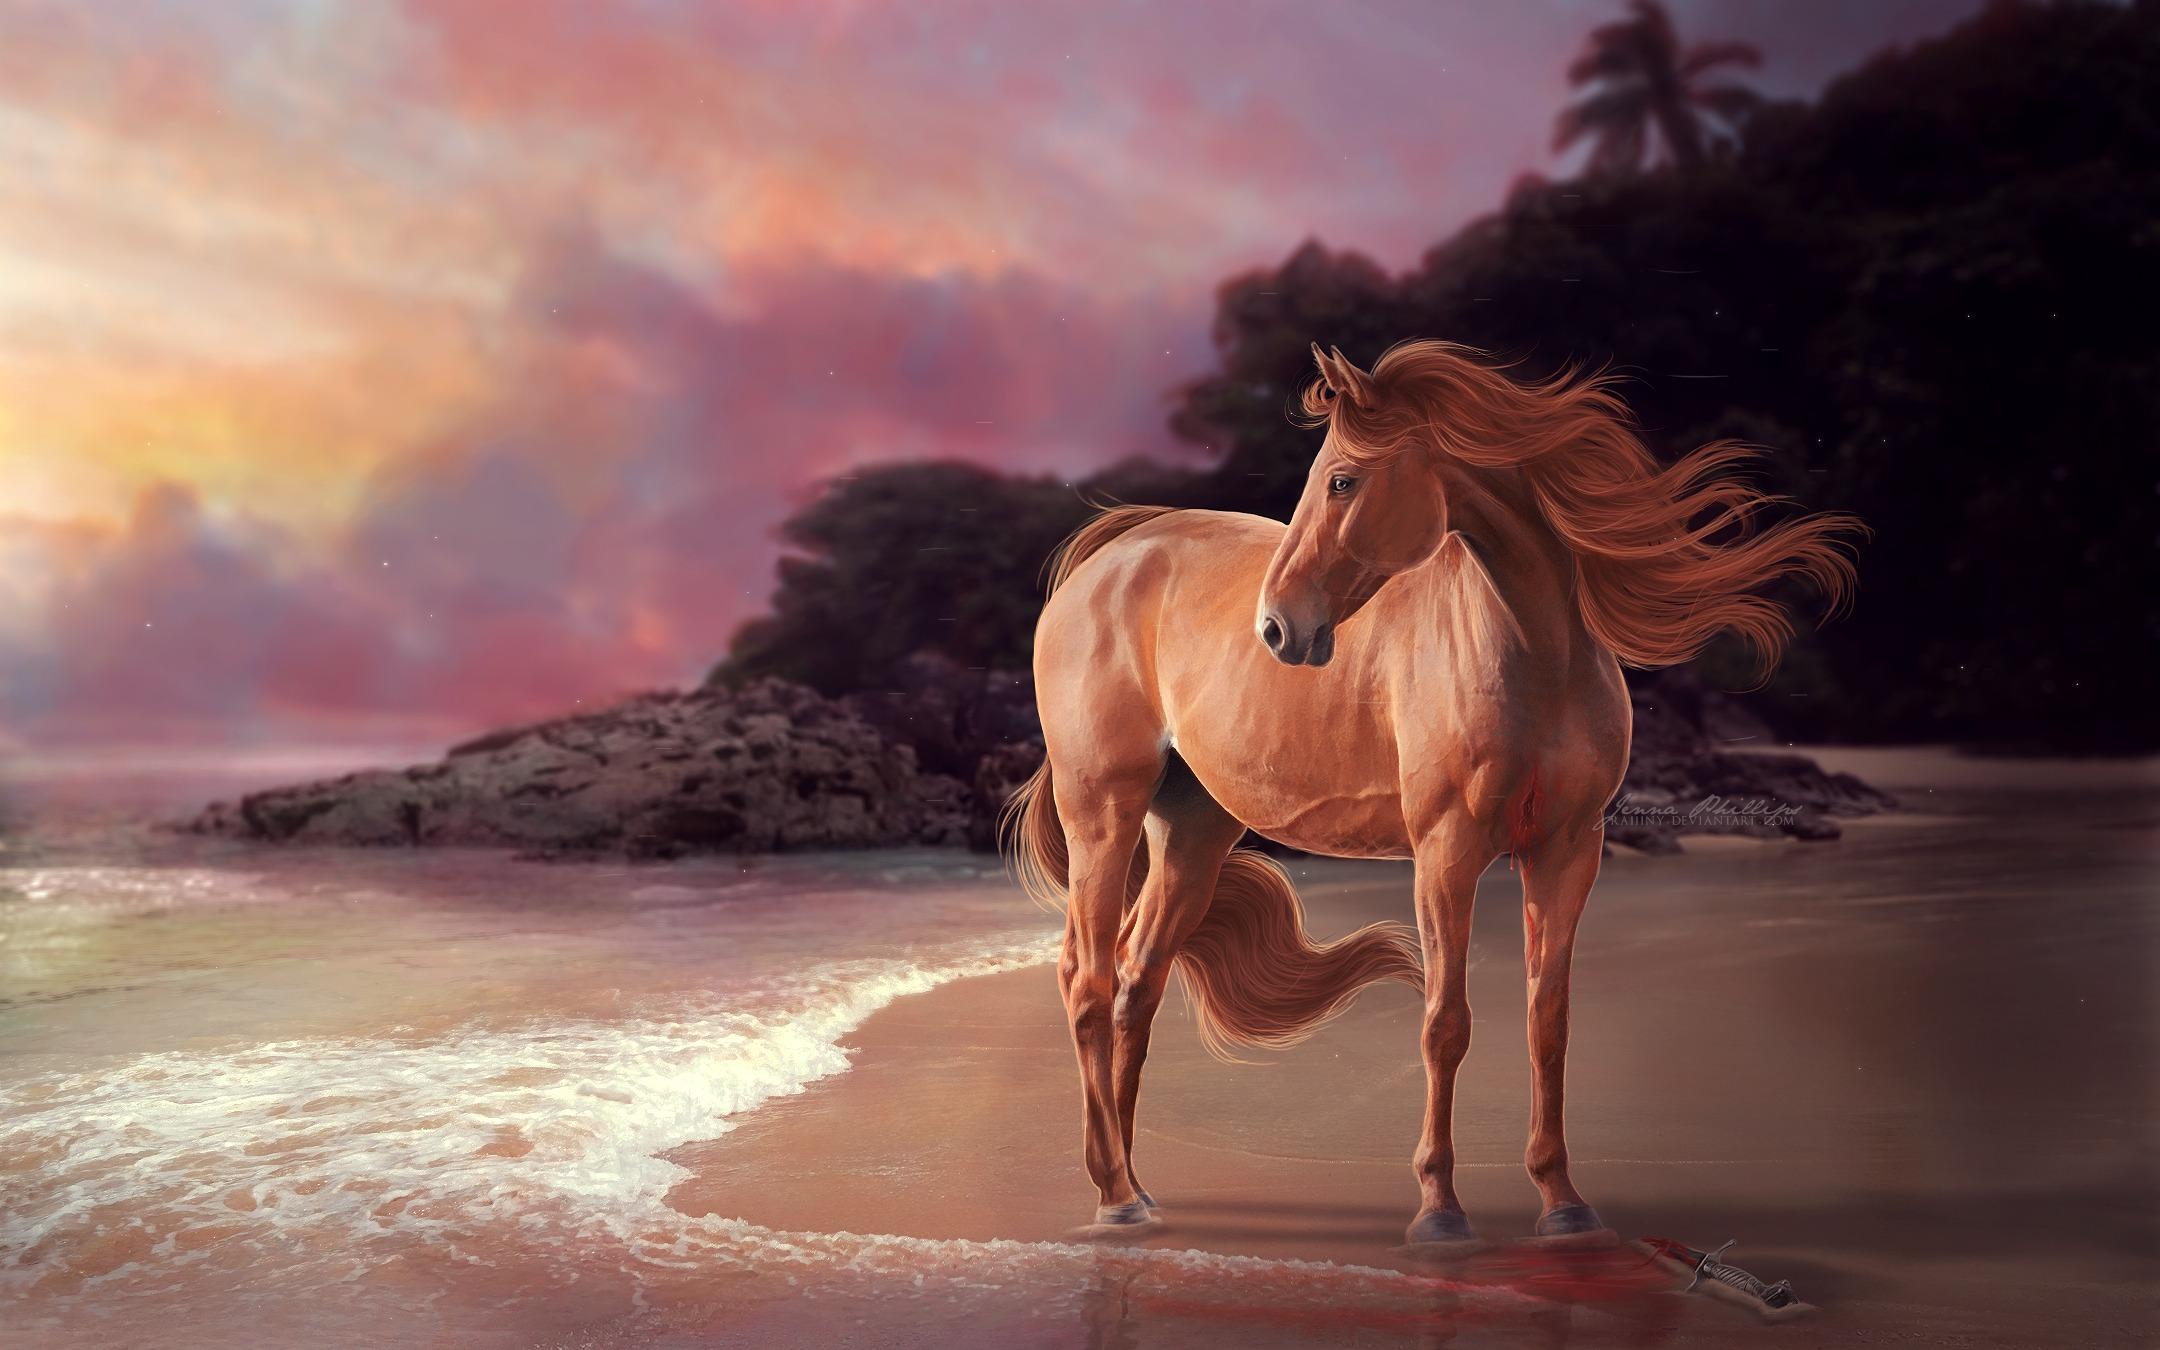 лошадь с гривой  № 3127211 бесплатно